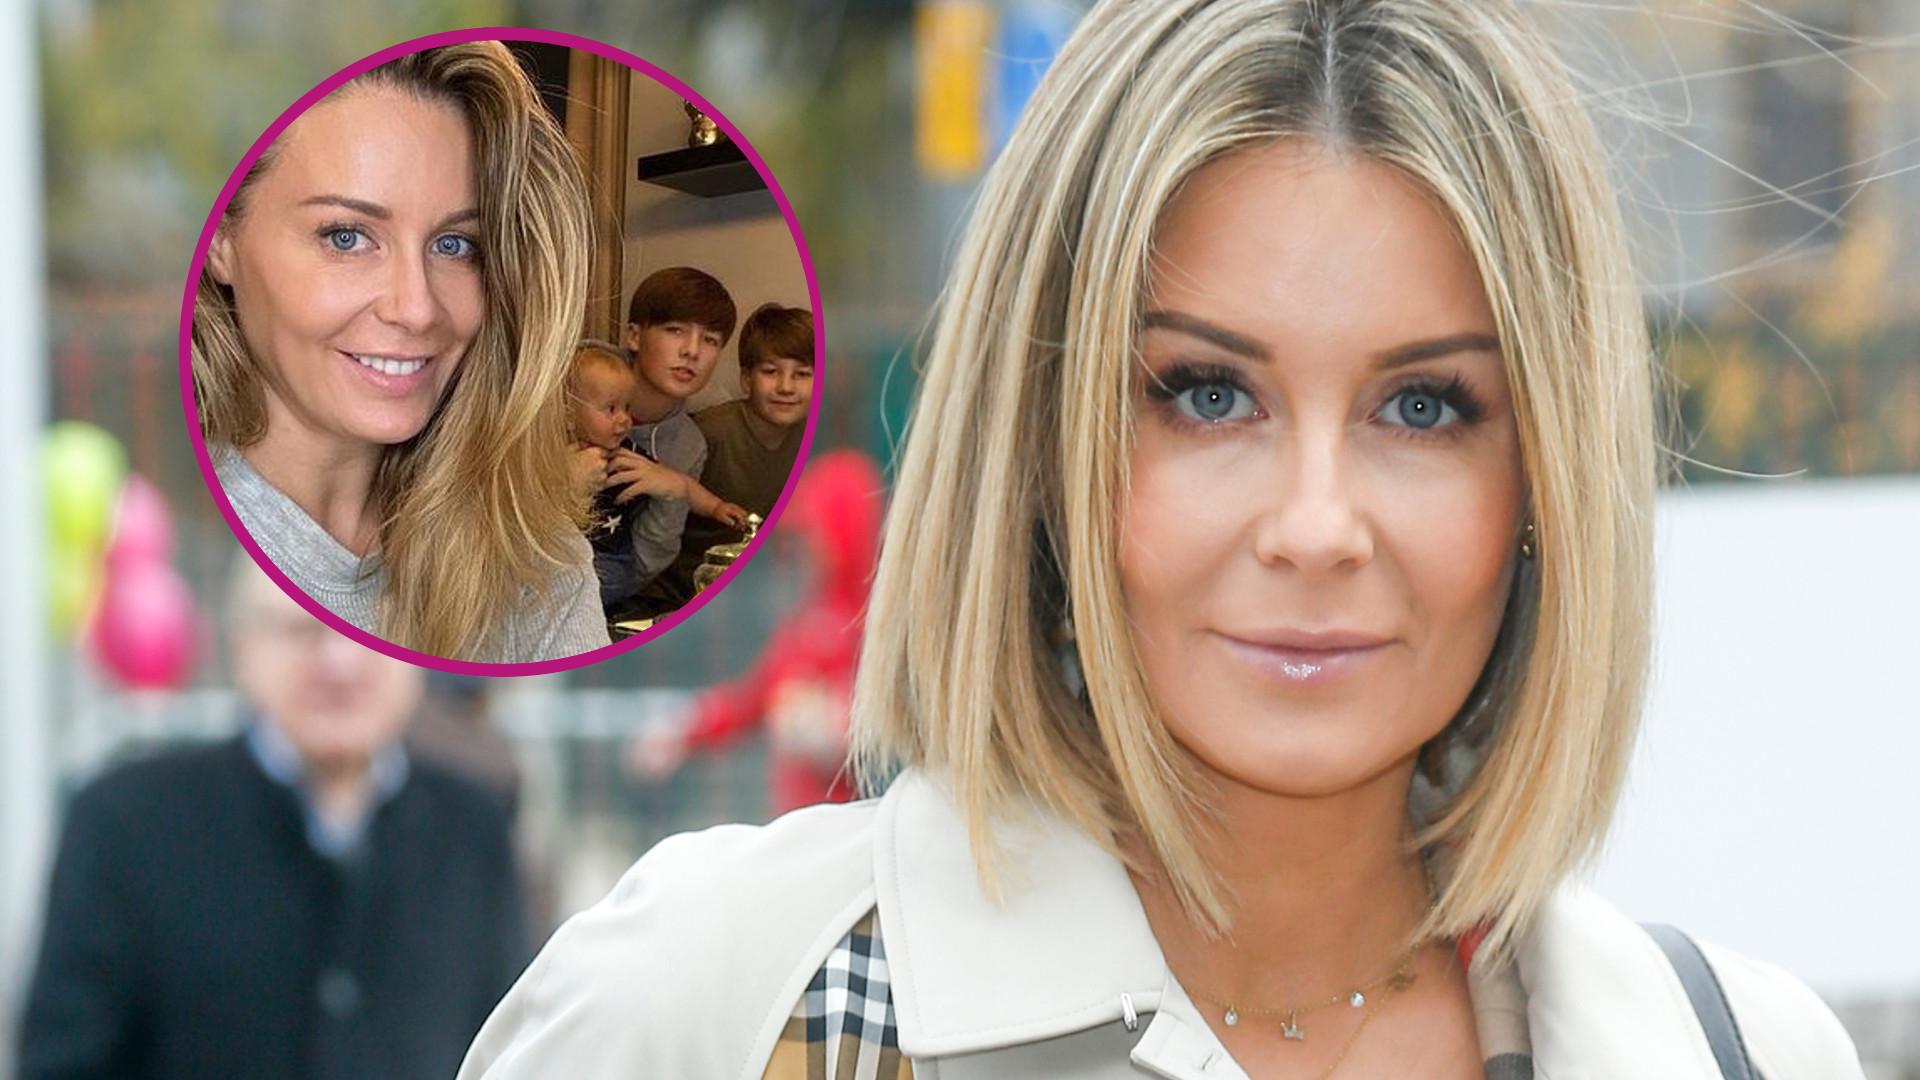 """Małgorzata Rozenek pokazała zdjęcie z dziećmi, ale to jej BRAT kradnie SHOW: """"Brad Pitt jak żywy"""""""